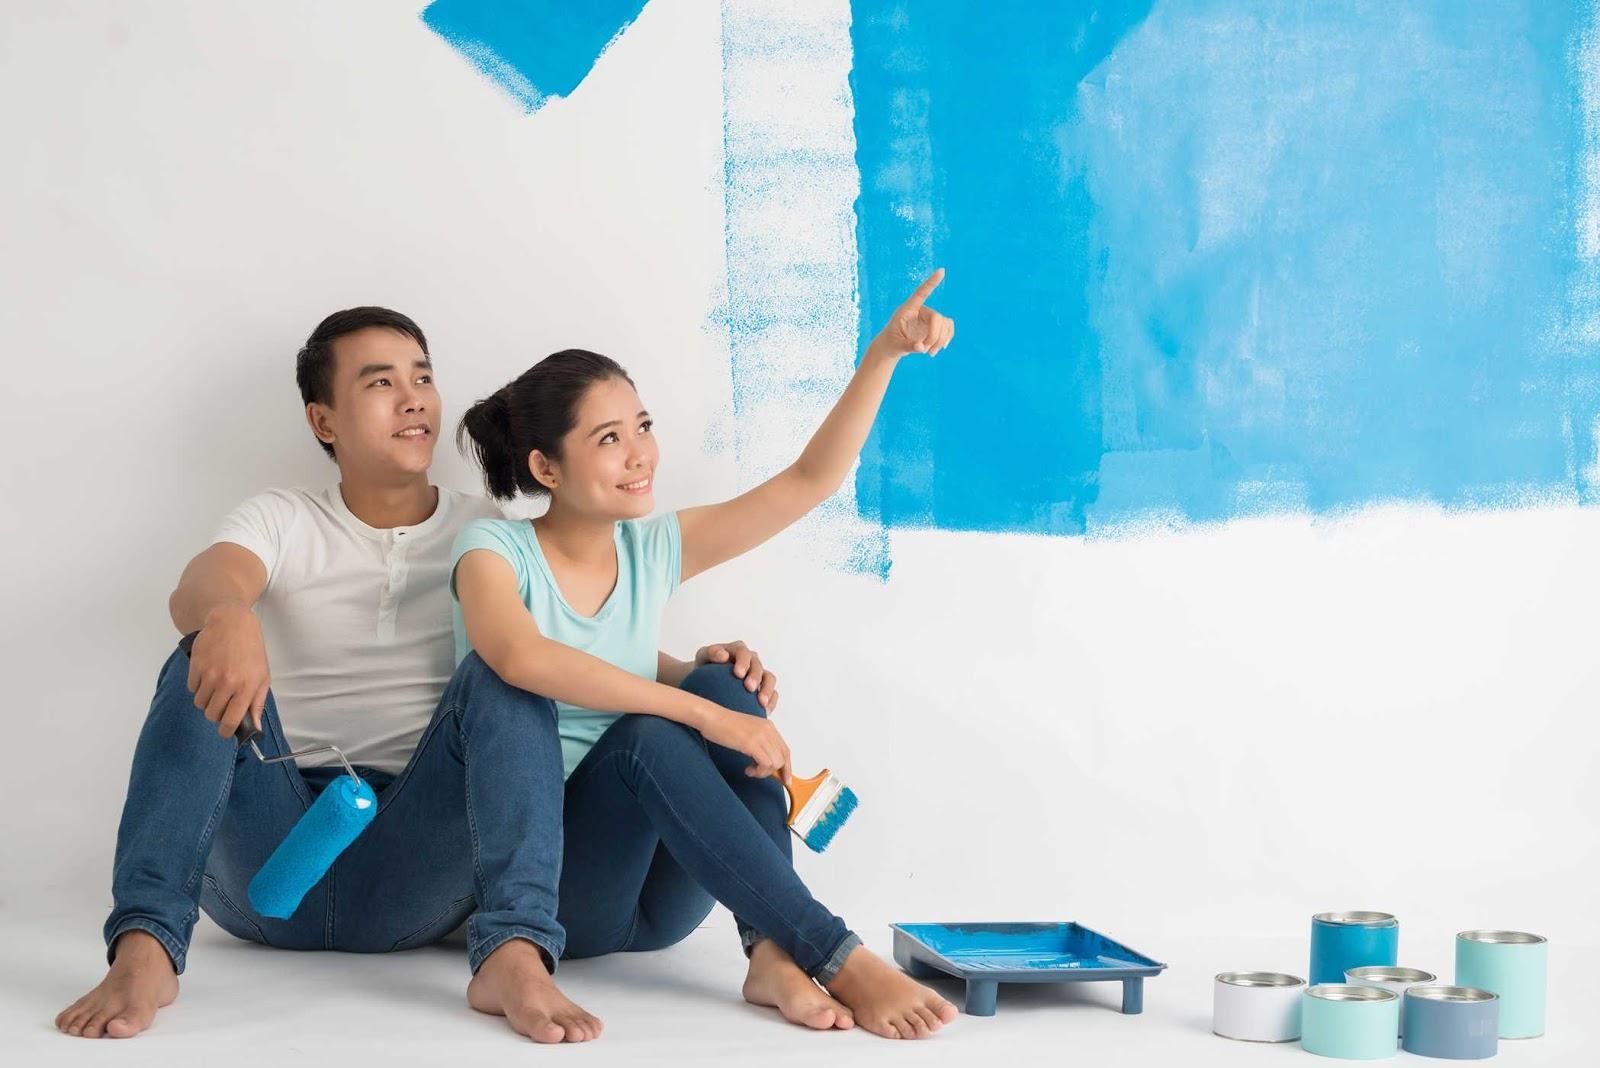 Dịch vụ sơn nhà hỗ trợ cho bạn nhiều thông tin hữu ích